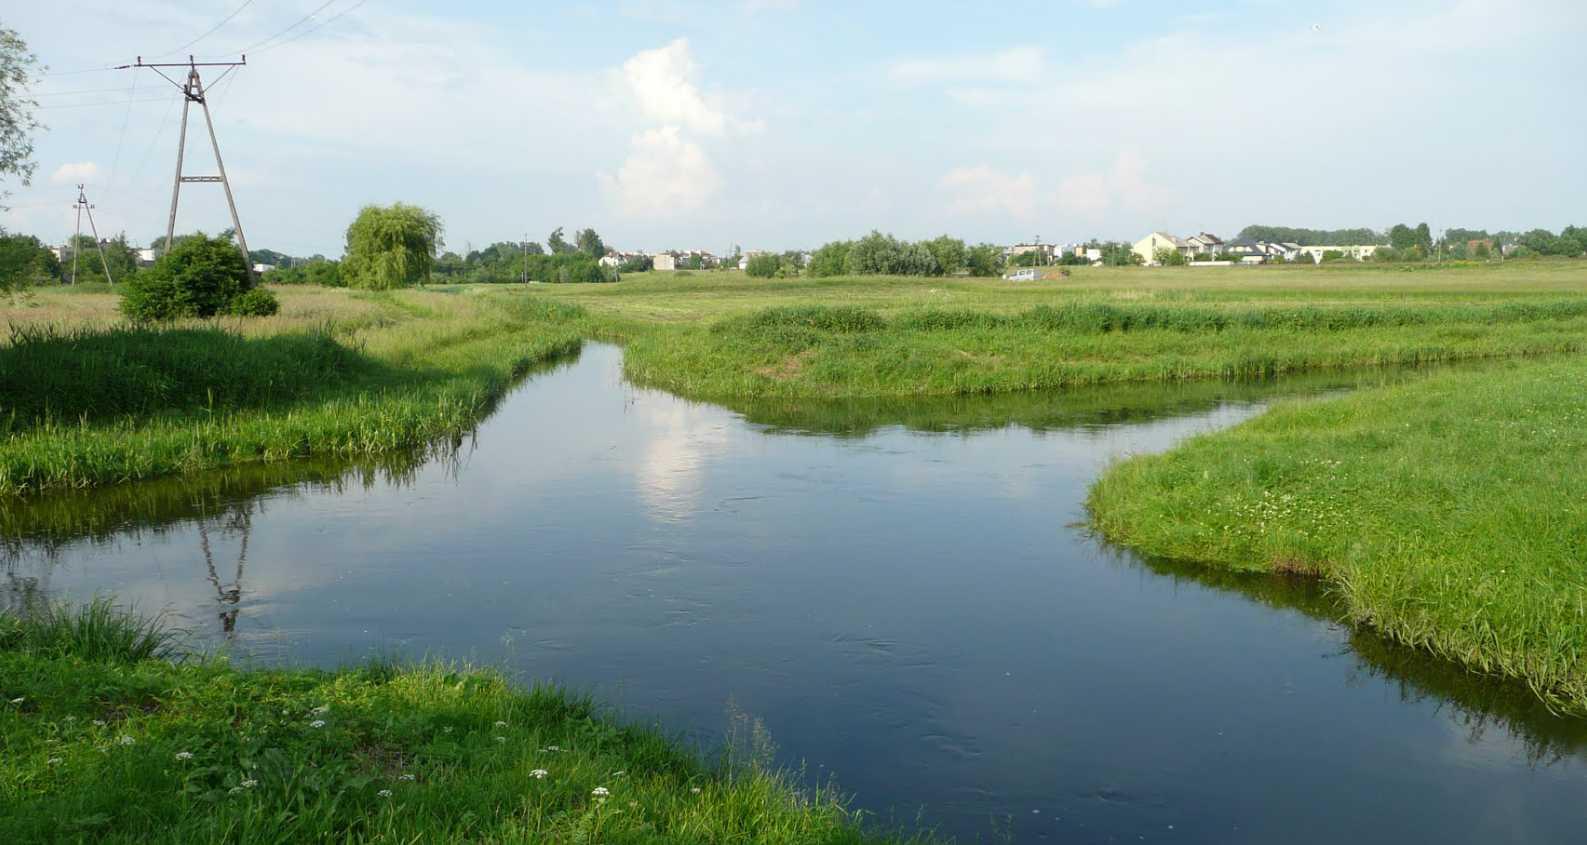 Croisement de rivières sans mélange des eaux - Wagrowiec - Pologne 2014-115